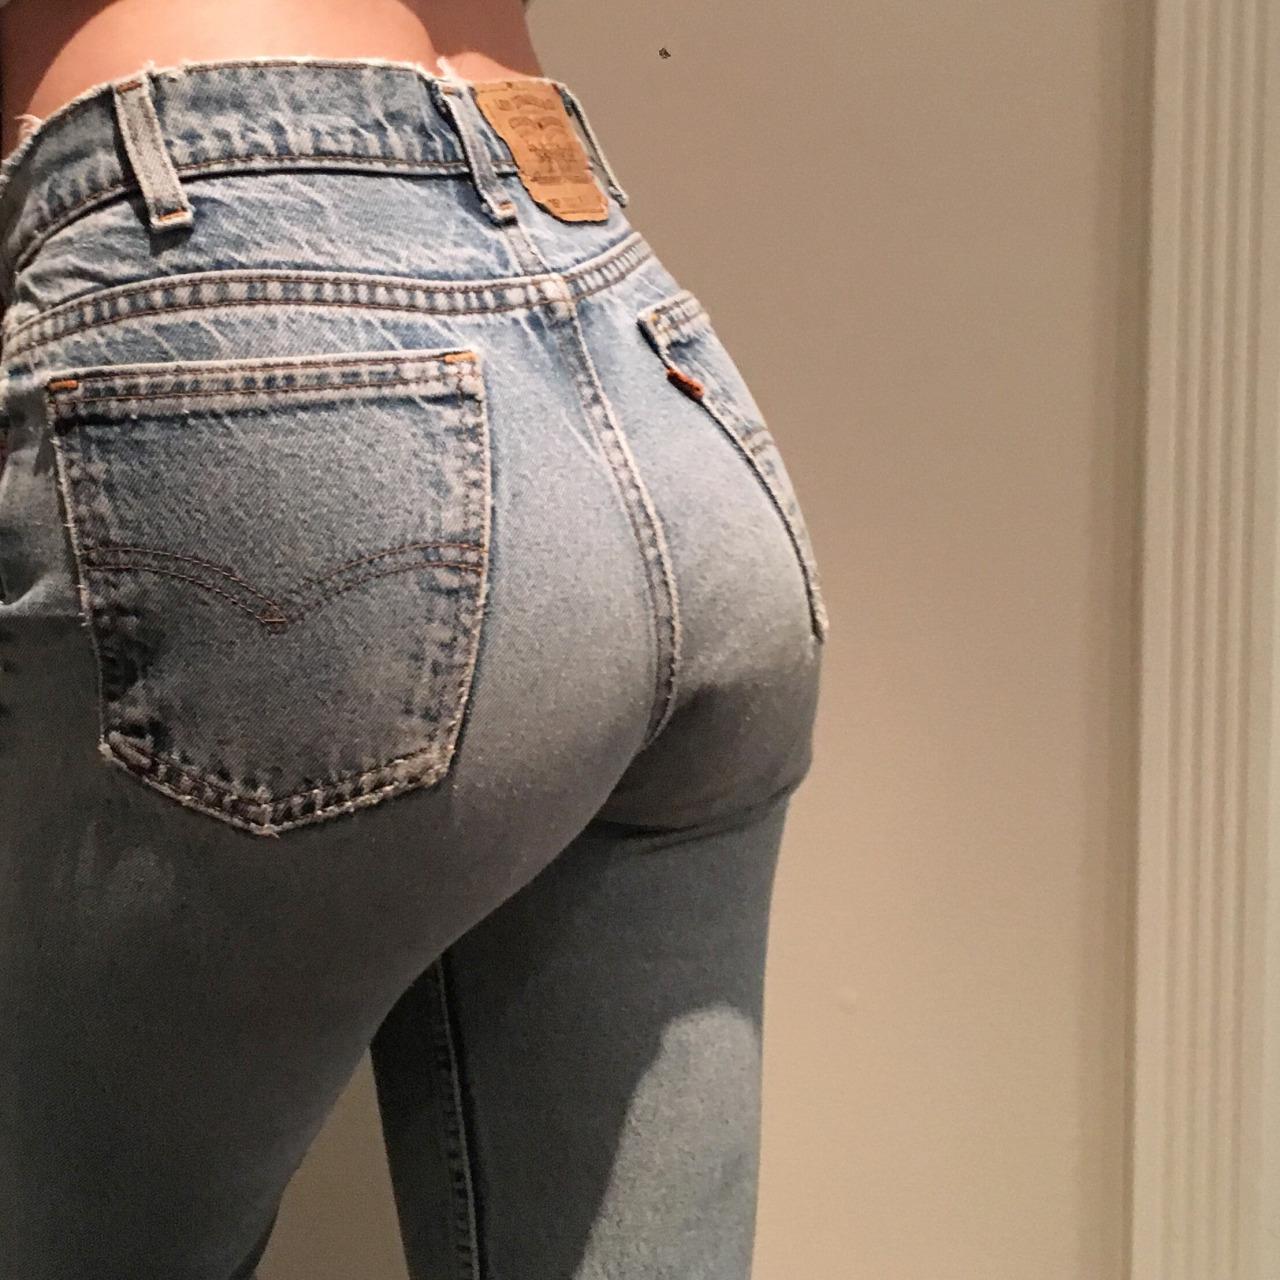 【着尻エロ画像】ケツの形がこんなにも…履いているのに隠せてないジーンズ下半身www 08